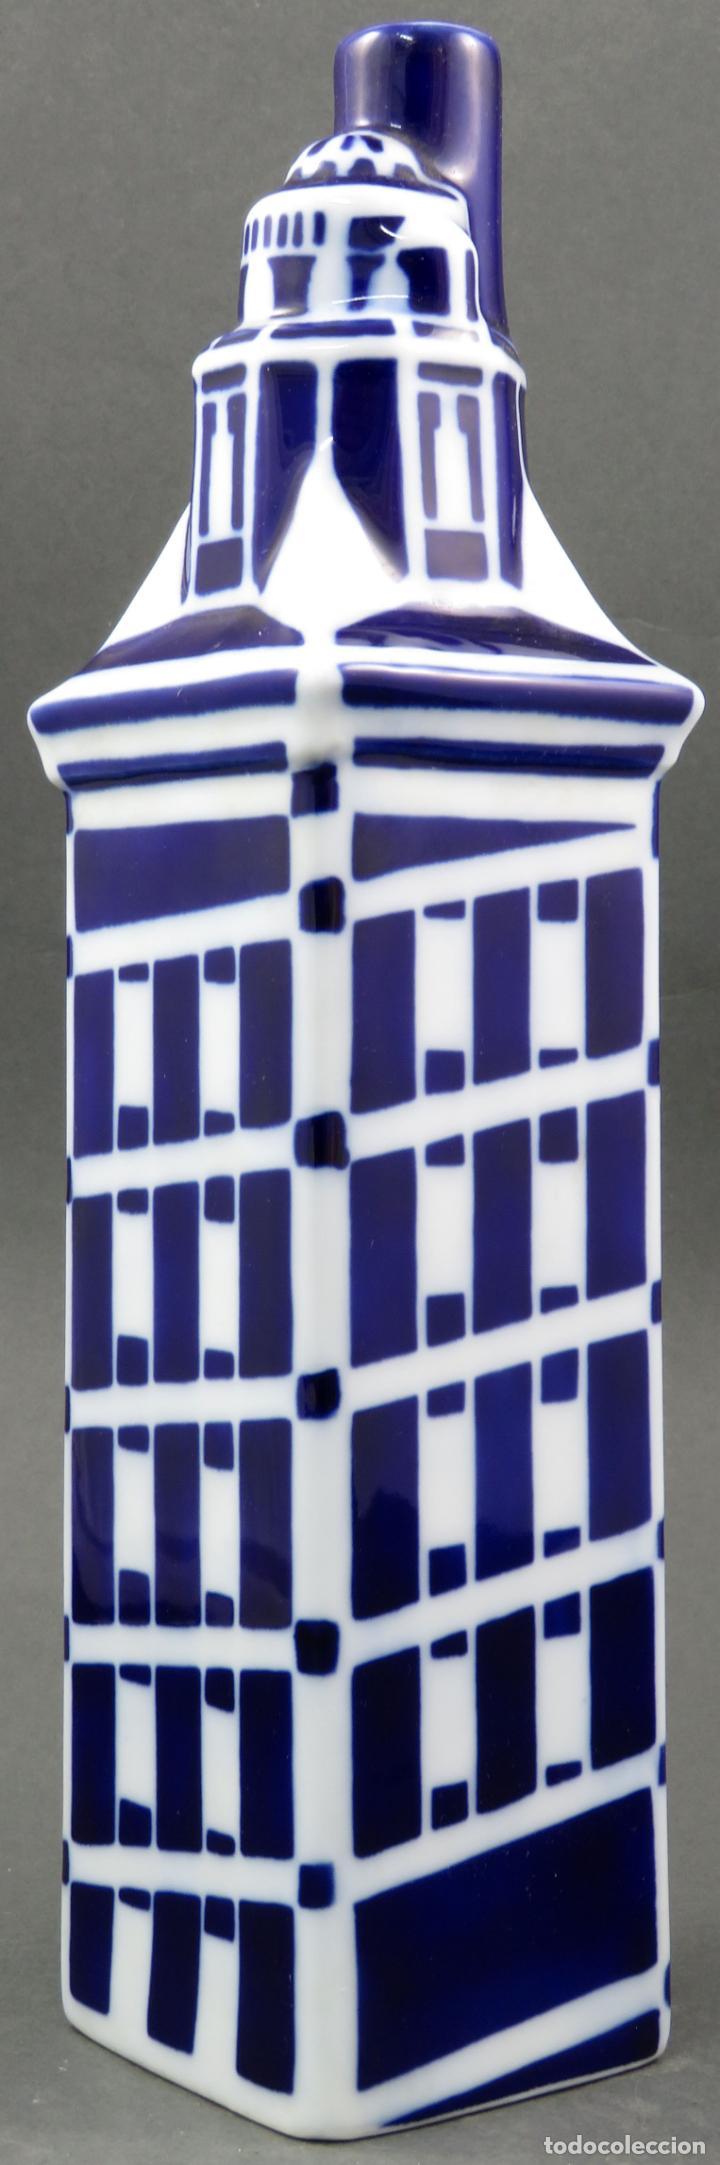 BOTELLA TORRE DE HERCULES EN CERÁMICA CASTRO SARGADELOS SIGLO XX (Antigüedades - Porcelanas y Cerámicas - Sargadelos)